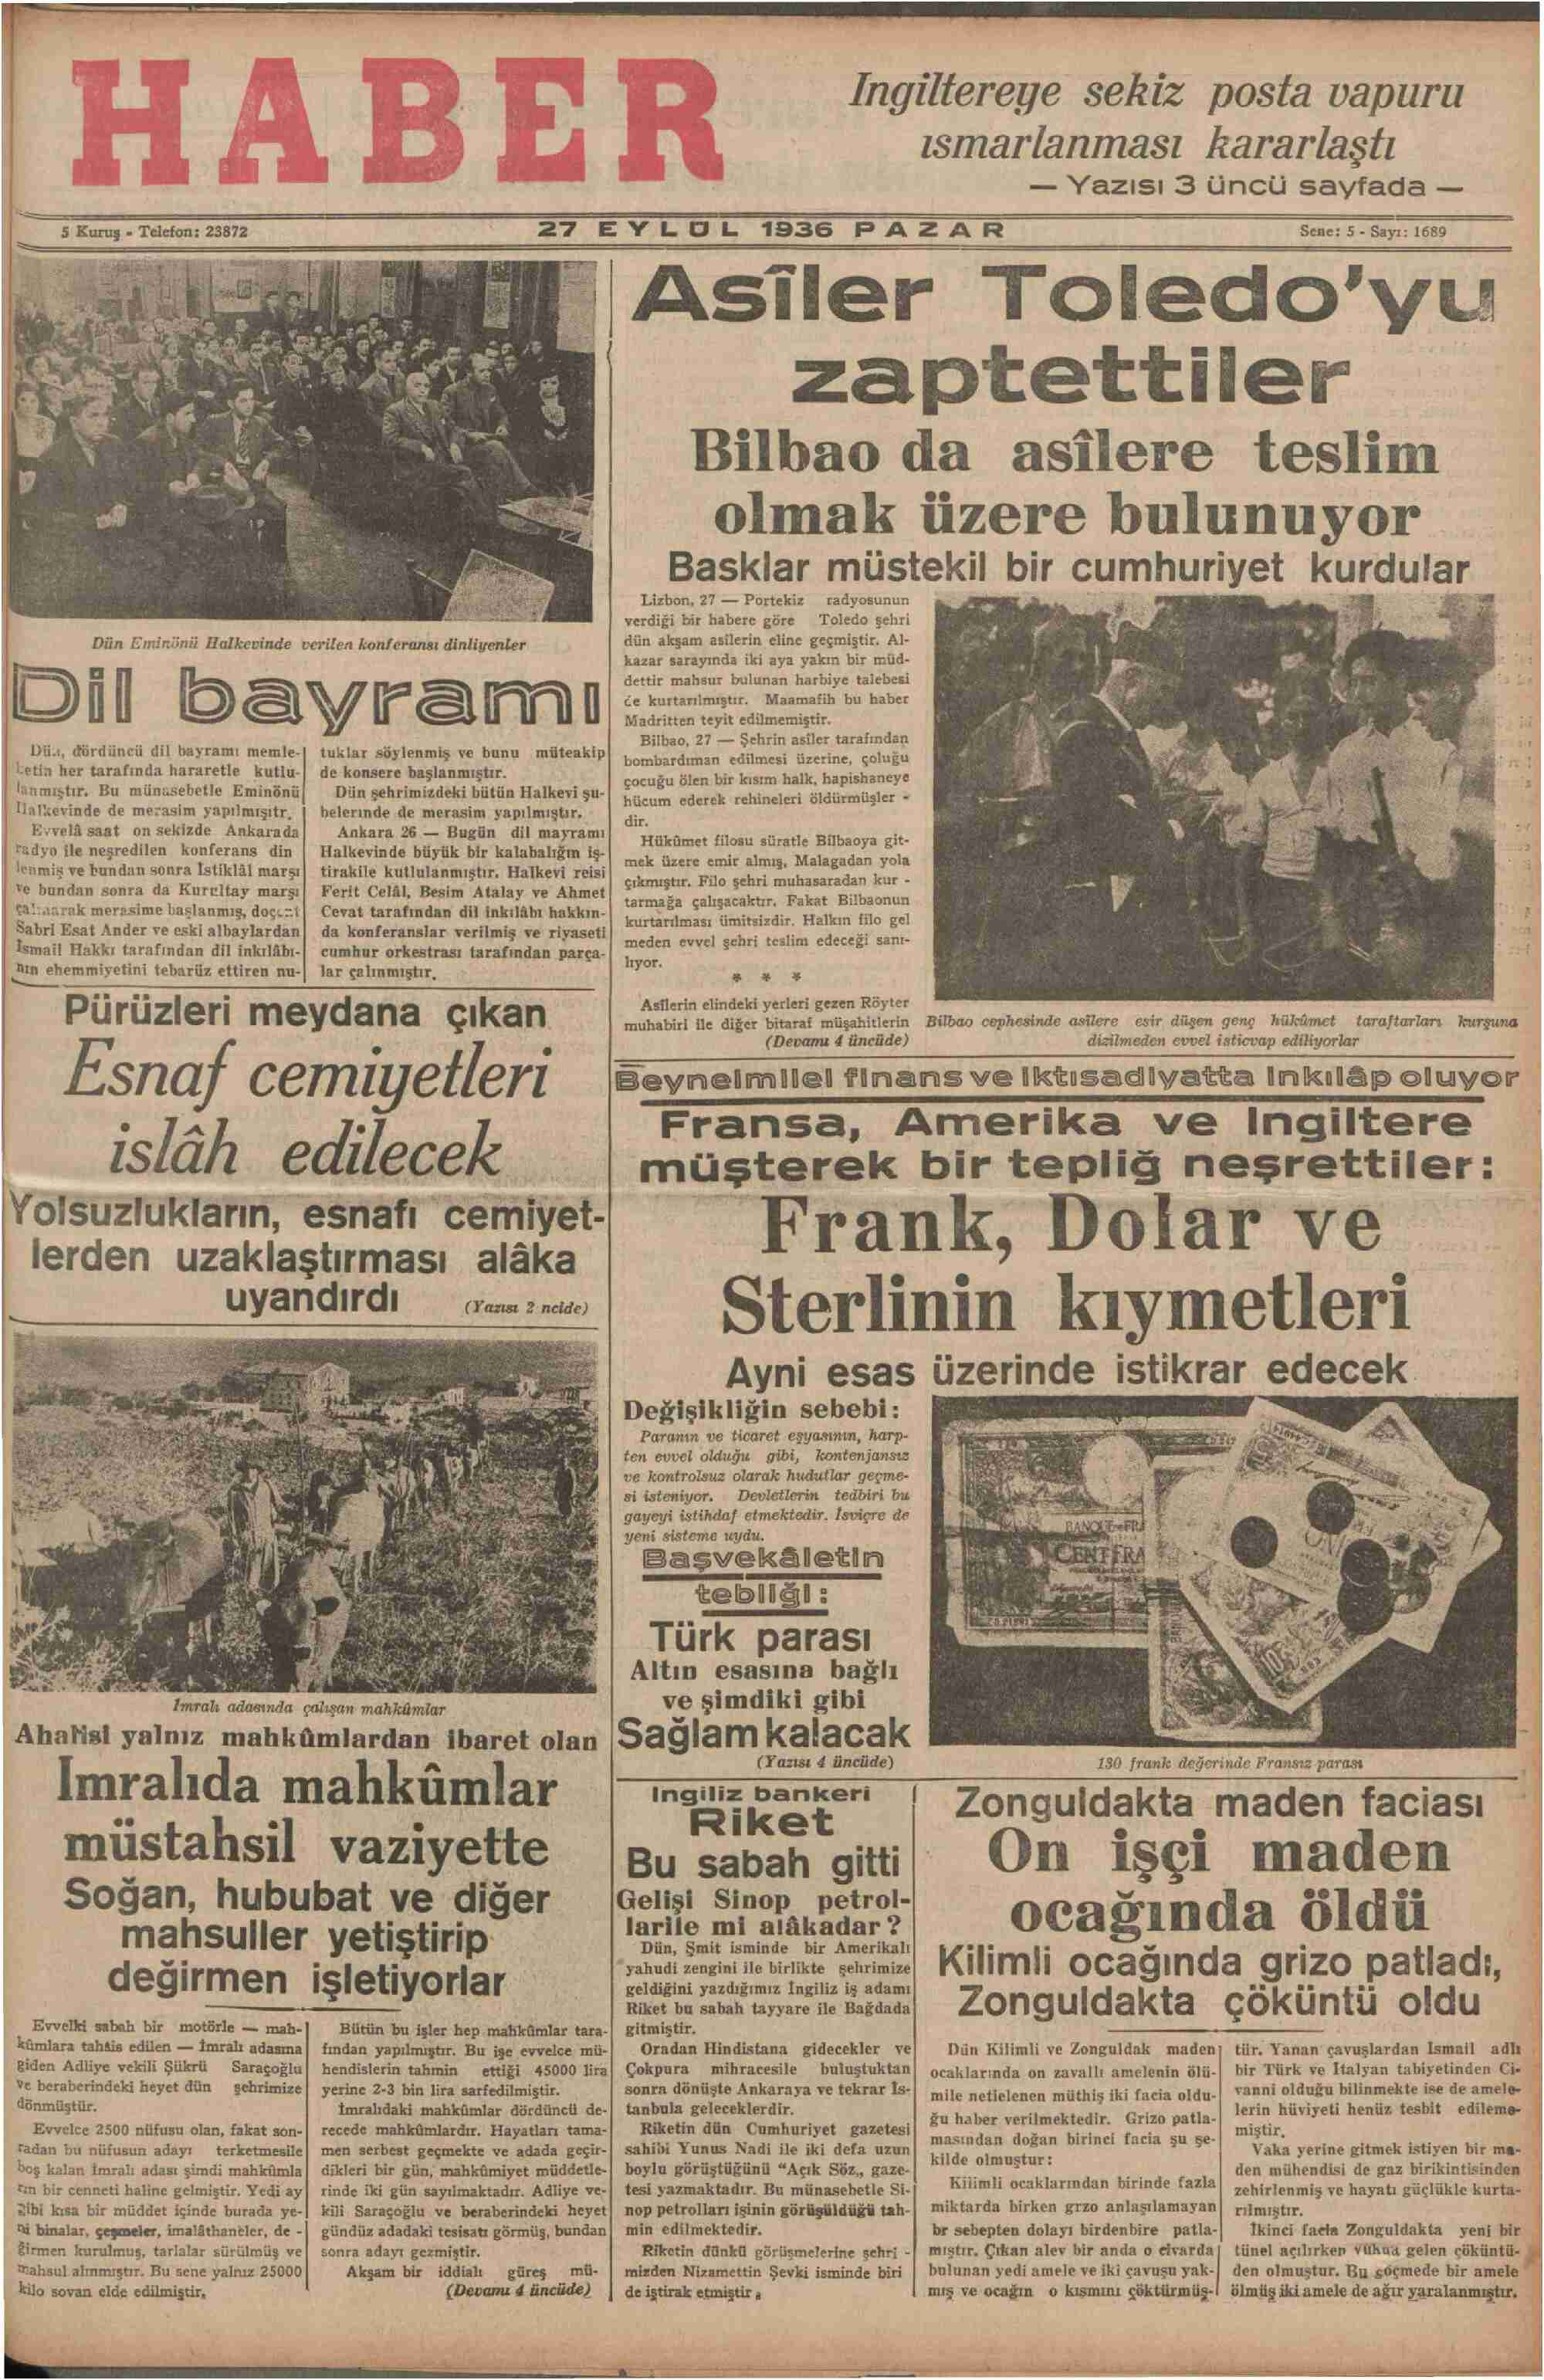 27 Eylül 1936 Tarihli Haber Gazetesi Sayfa 1